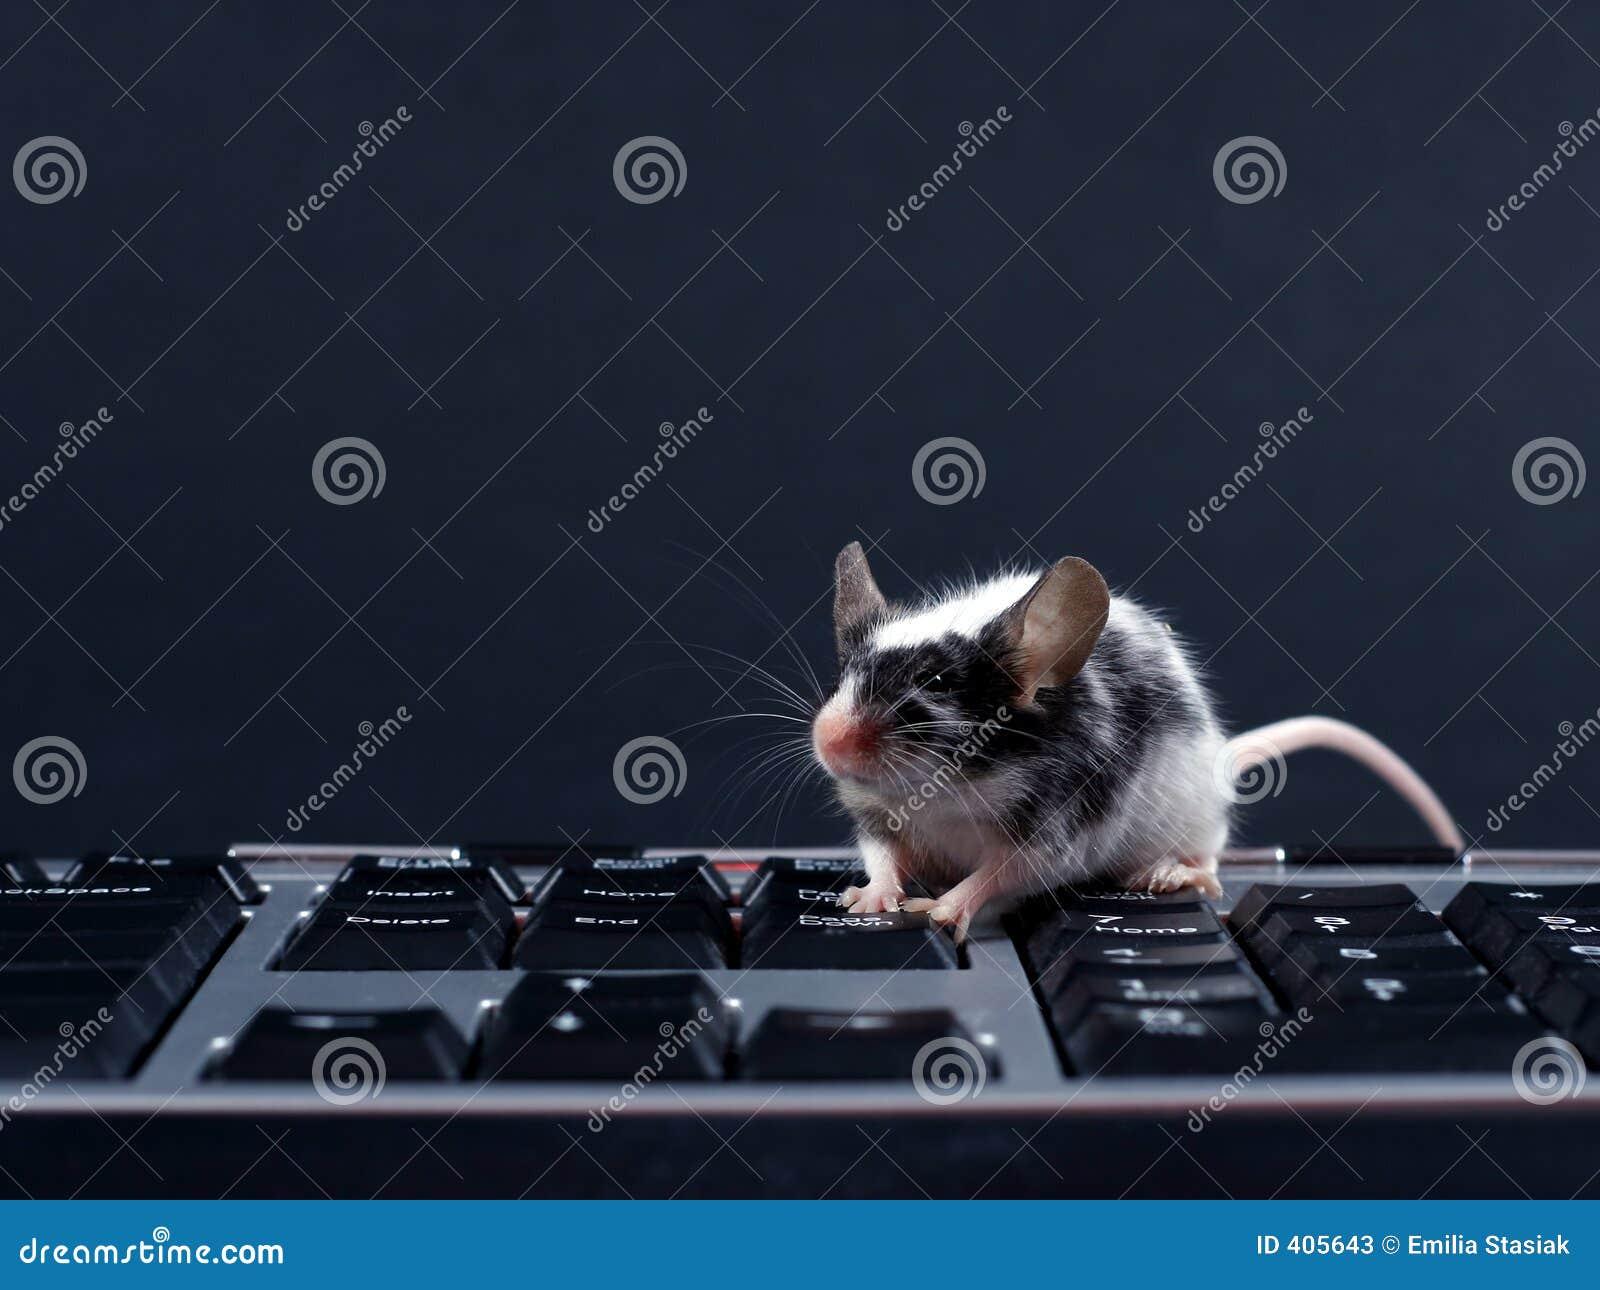 Keybord ποντίκι